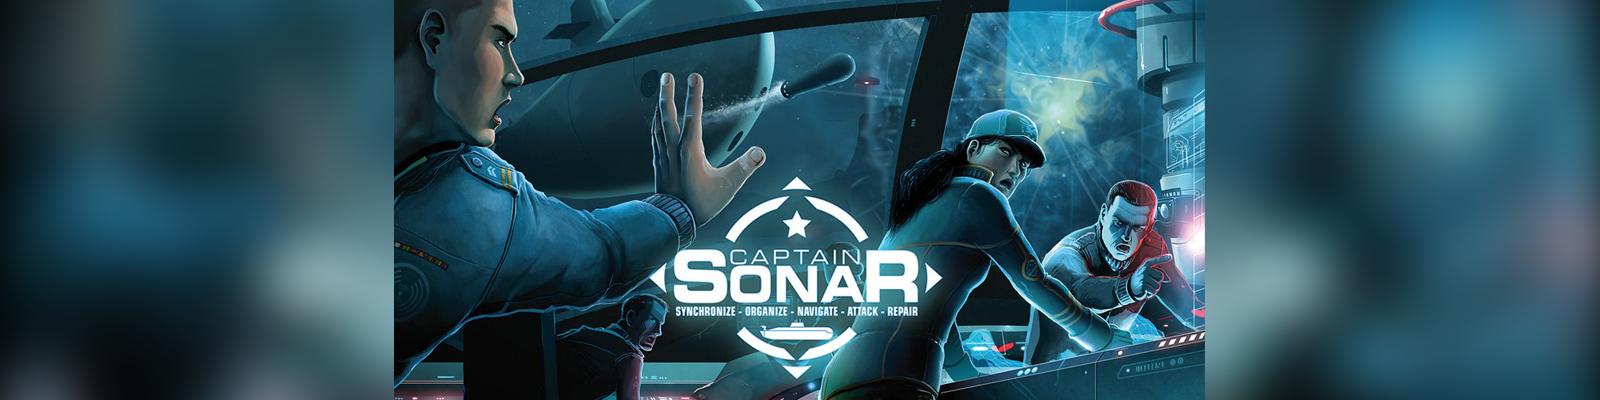 captain-sonar-nouveauté